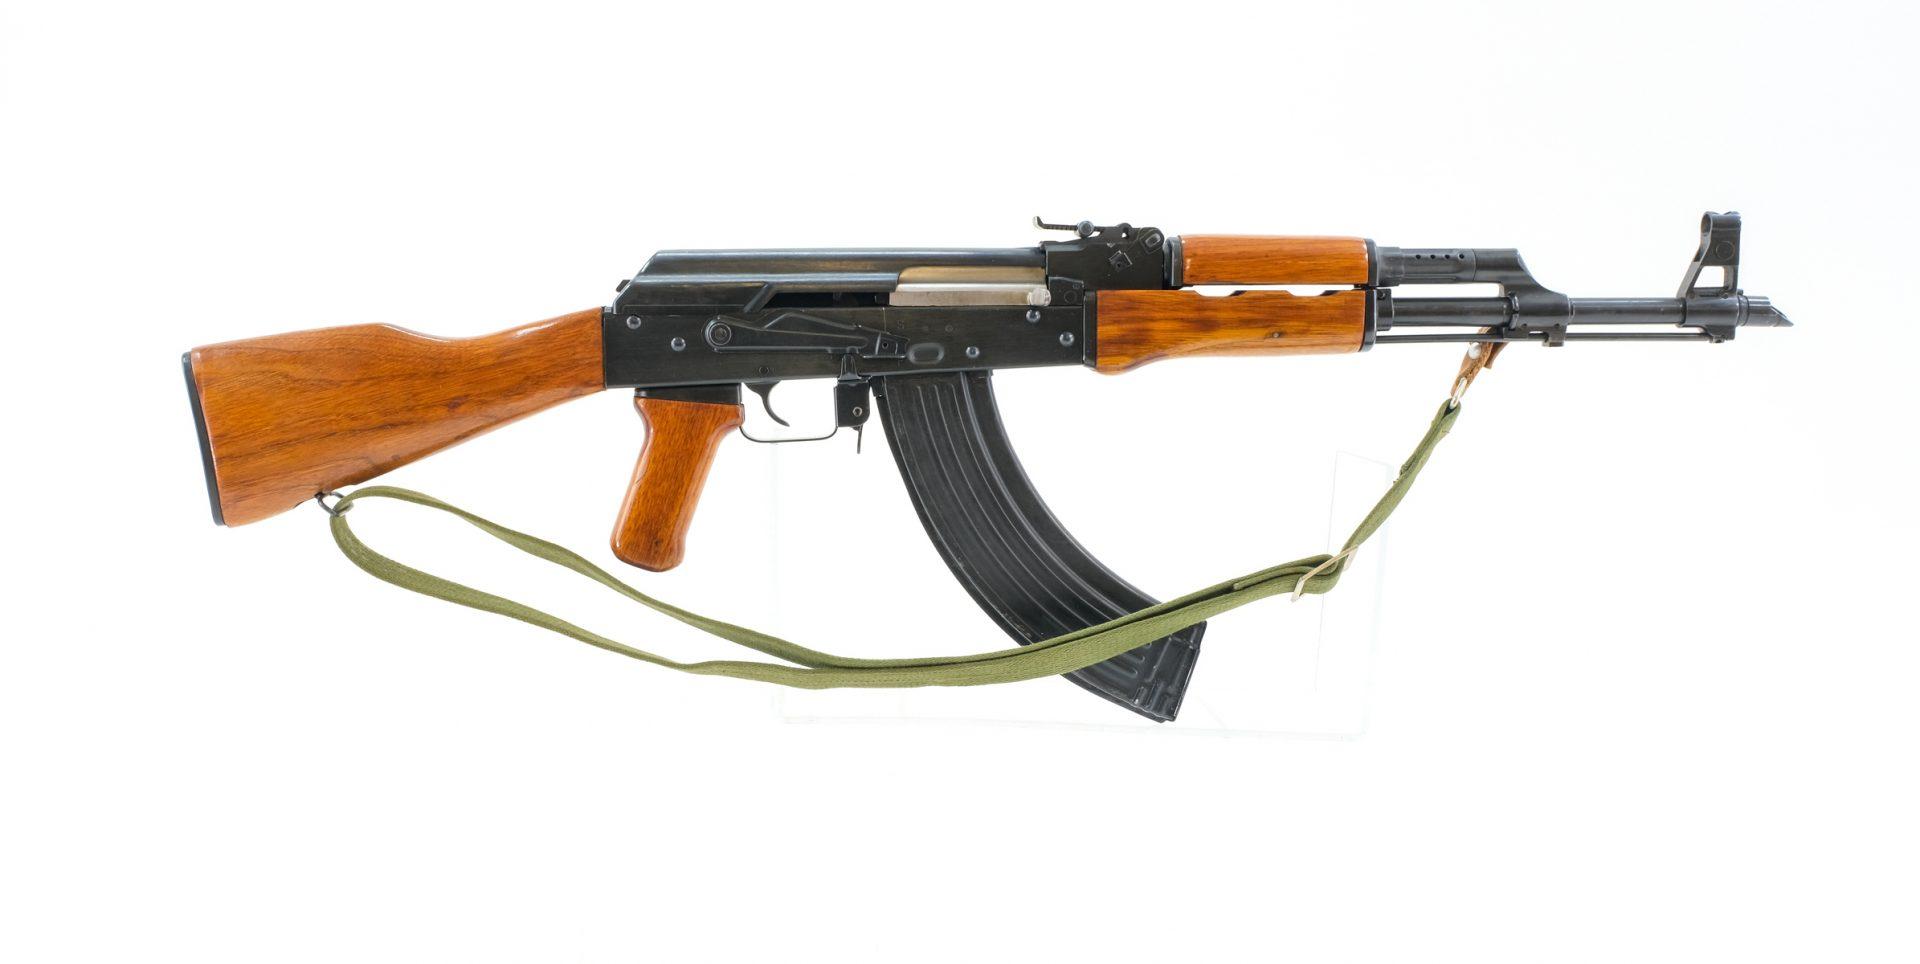 Norinco 56S 7.62X39 Semi-Auto Rifle